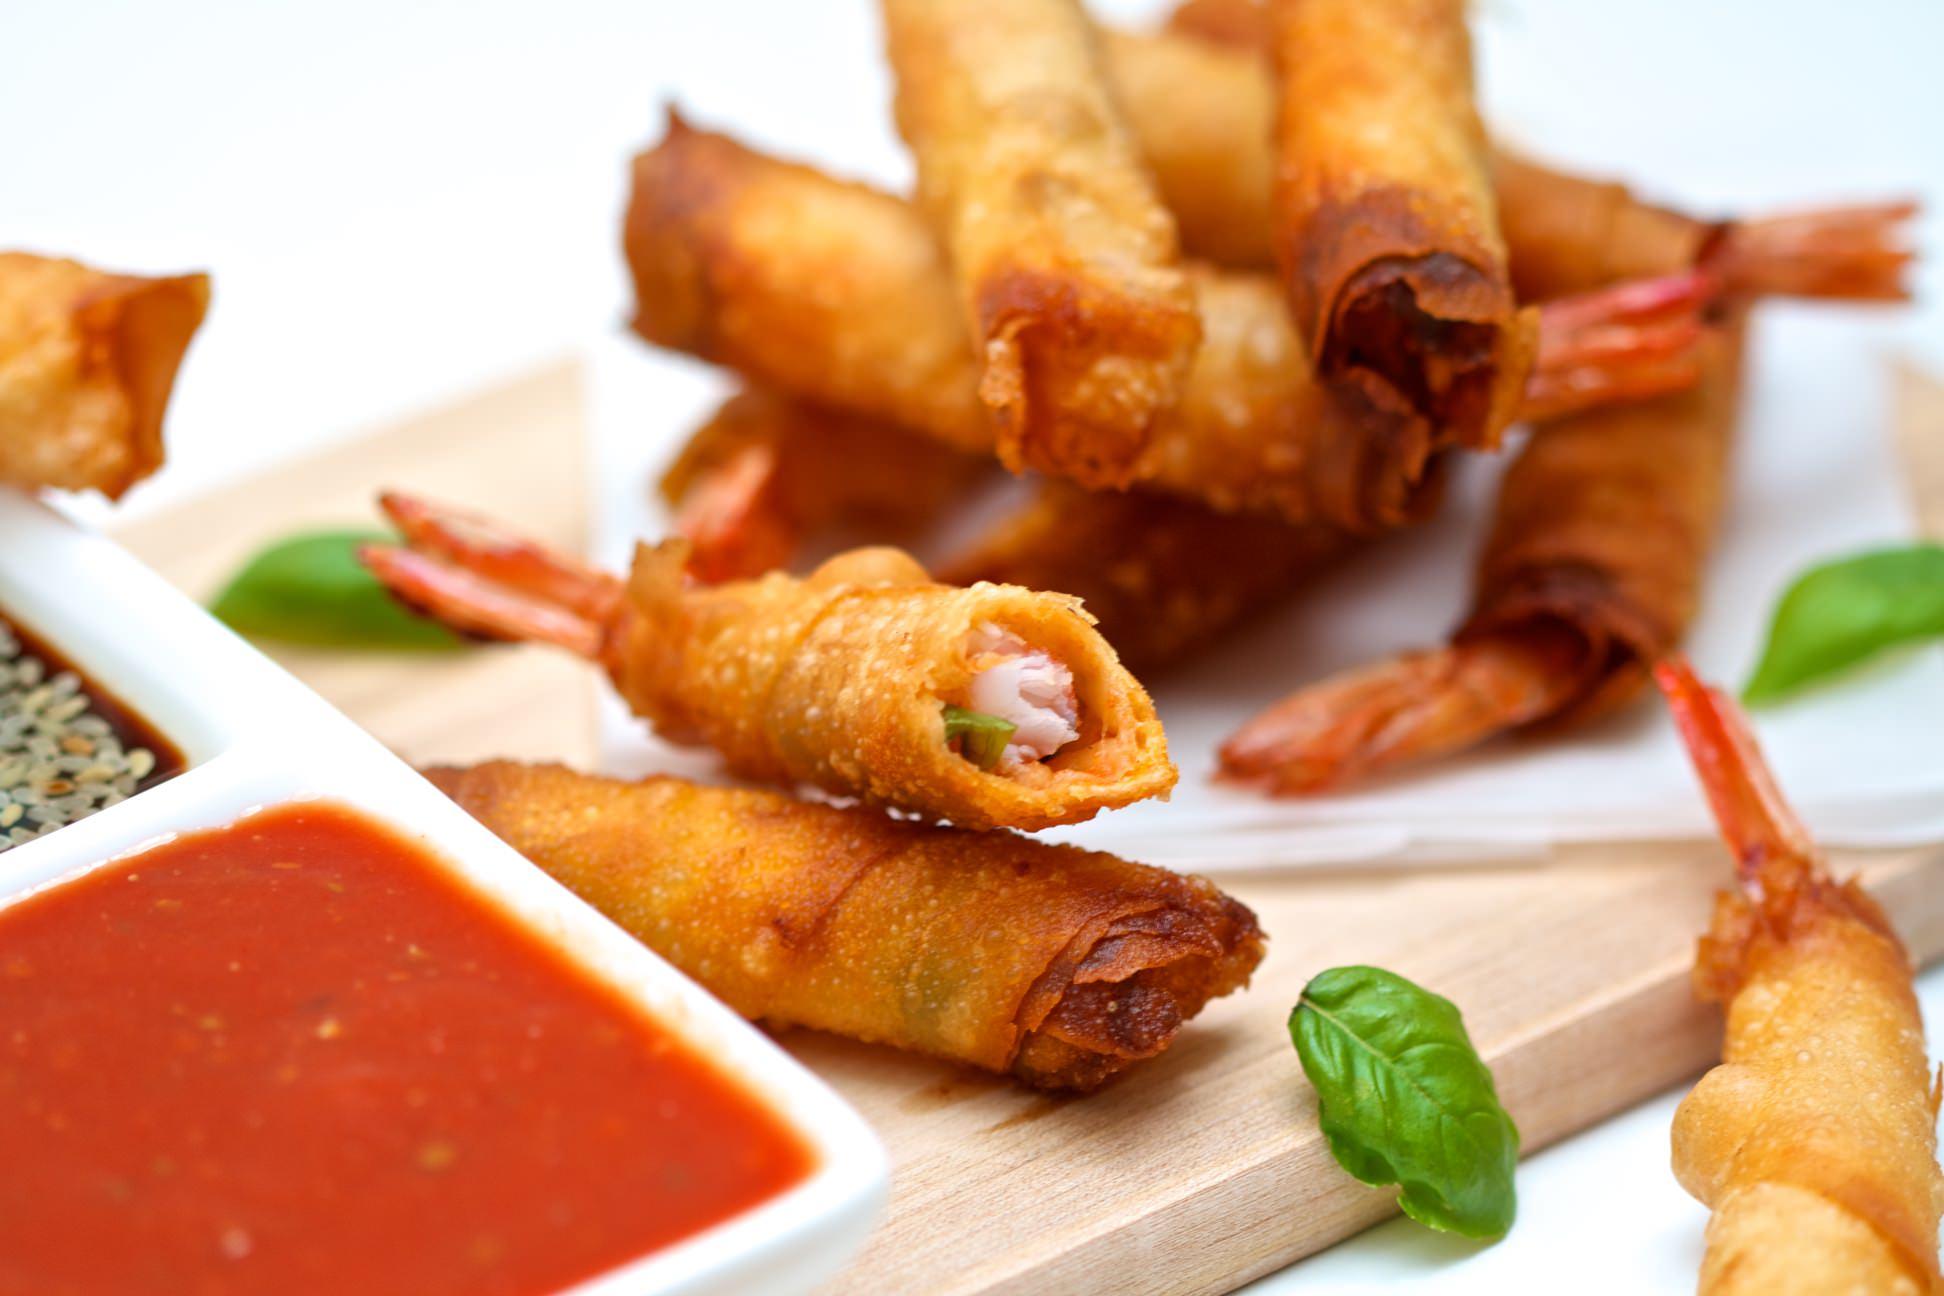 Top 10 fast foods in Belgrade